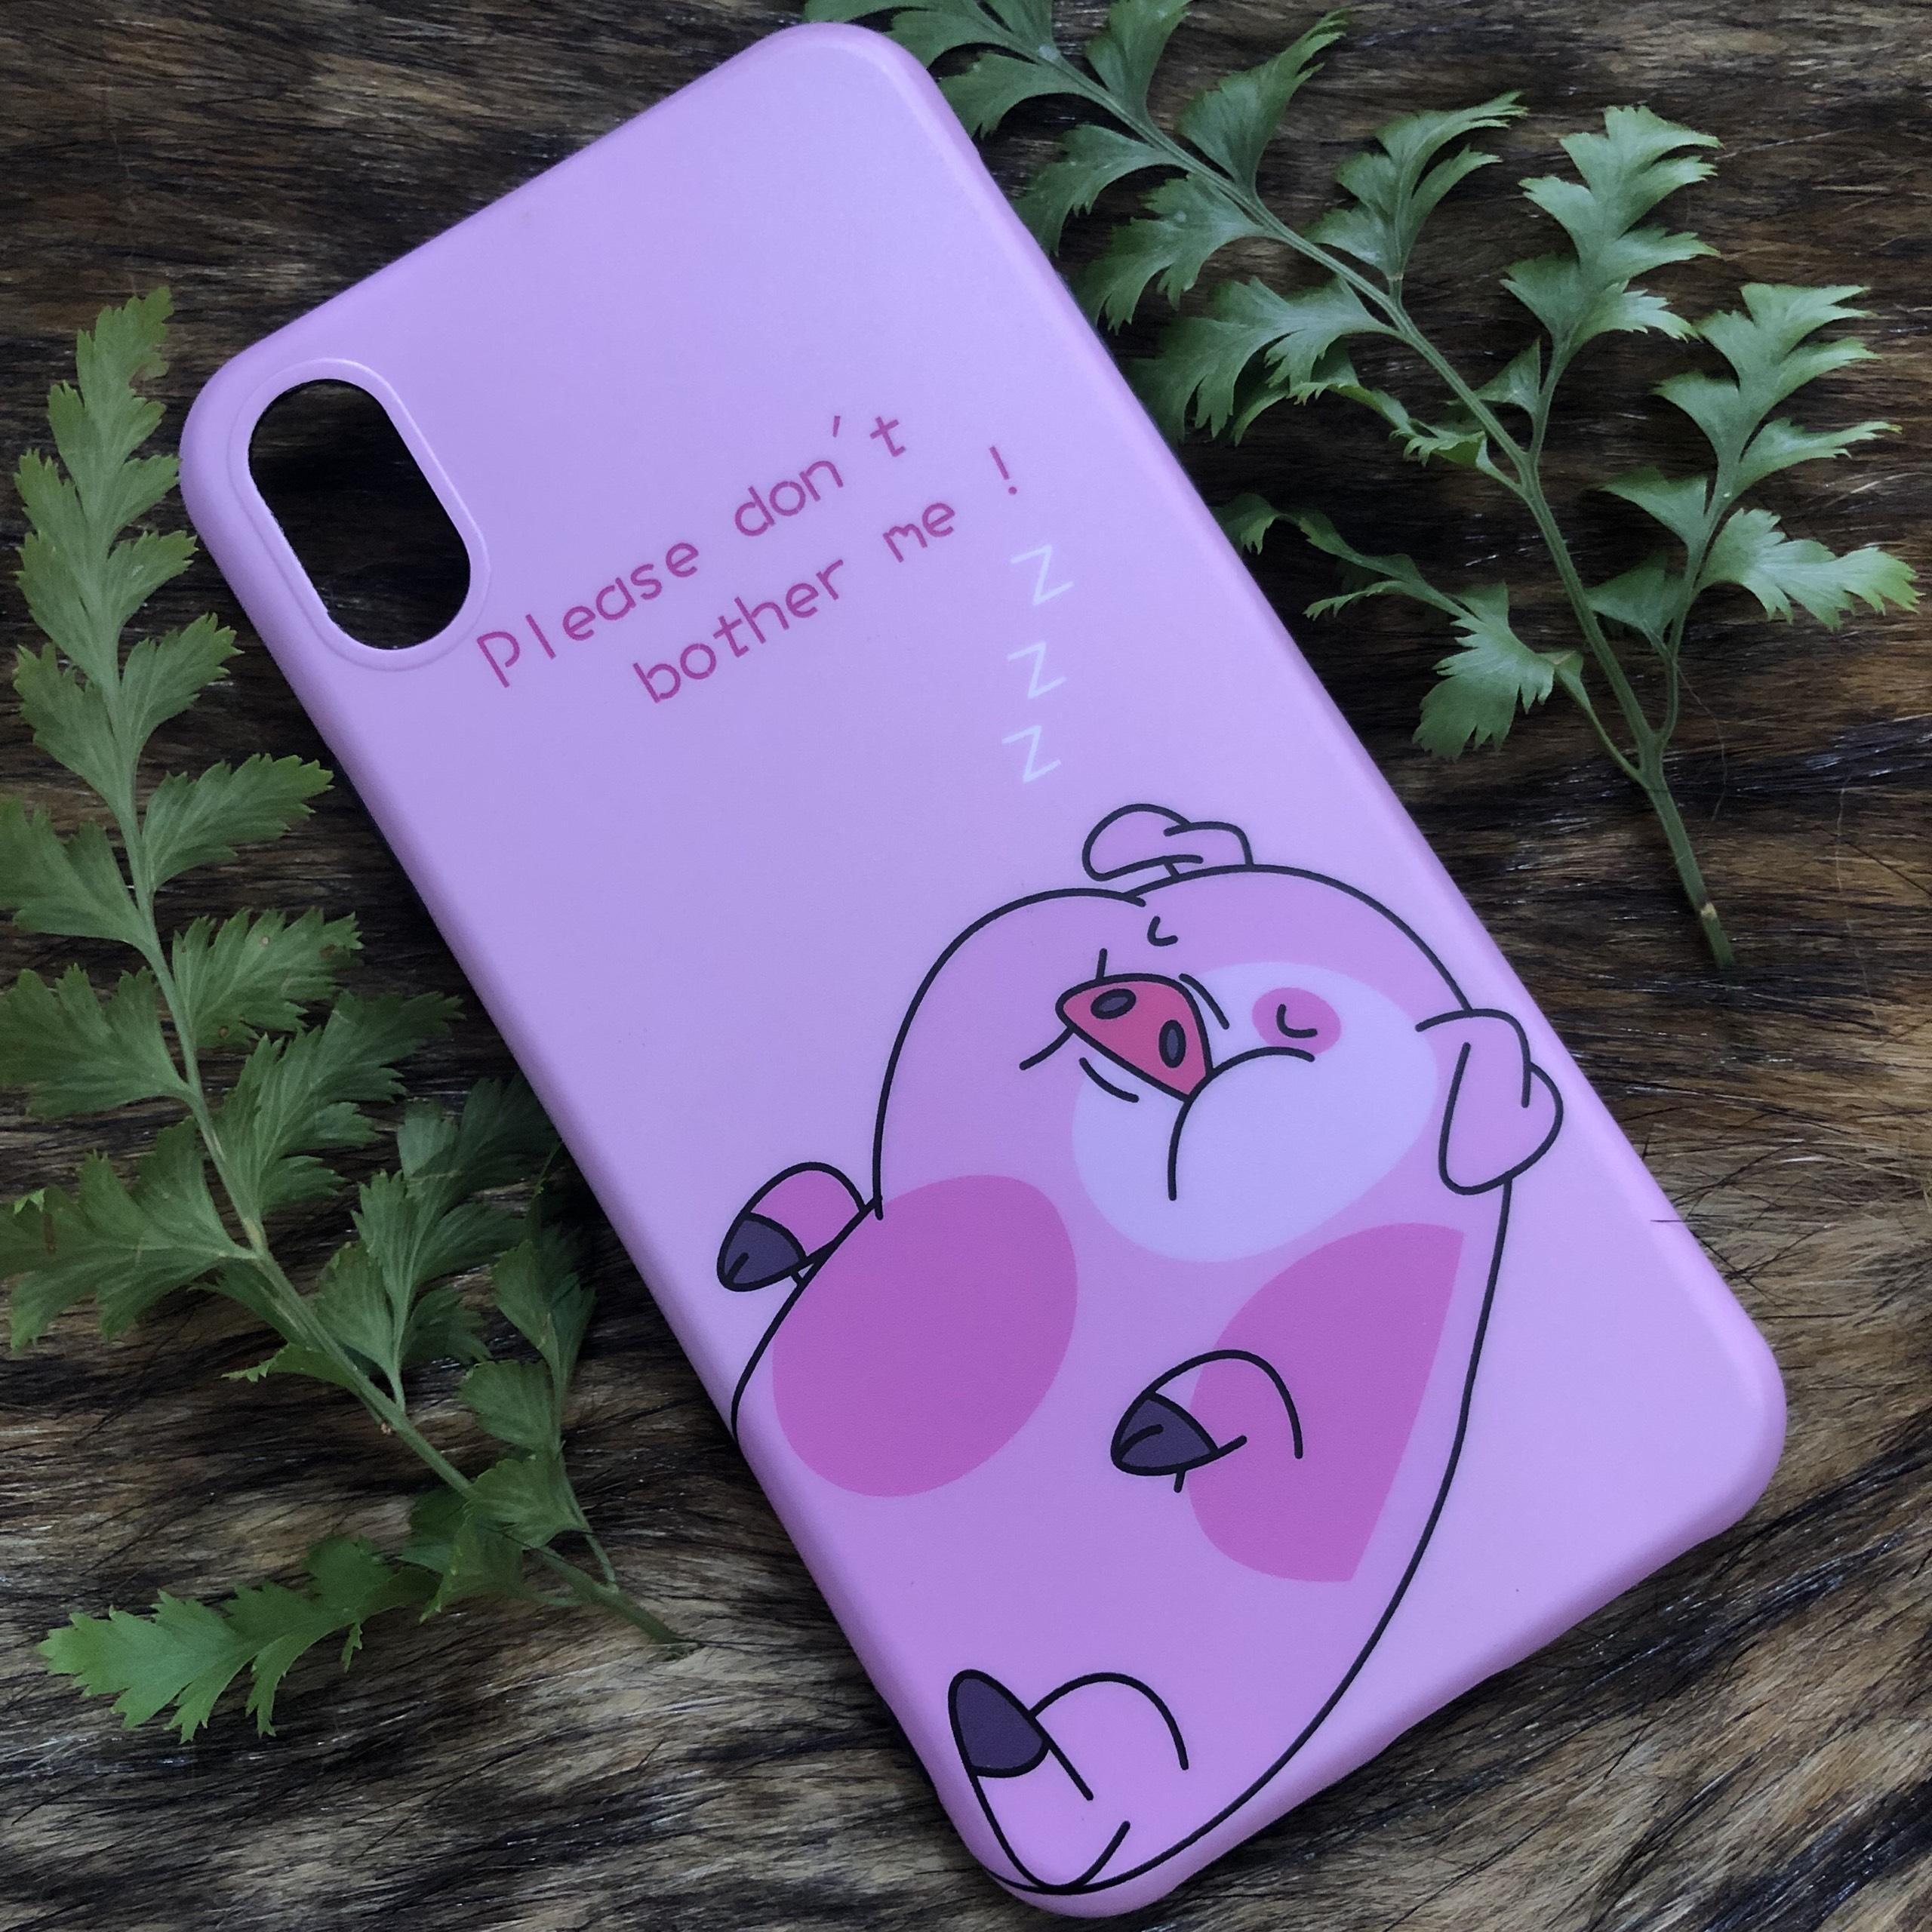 Ốp Lưng IMD Hàn Quốc Dành Cho Iphone - Hình Chú Heo - Mẫu 2